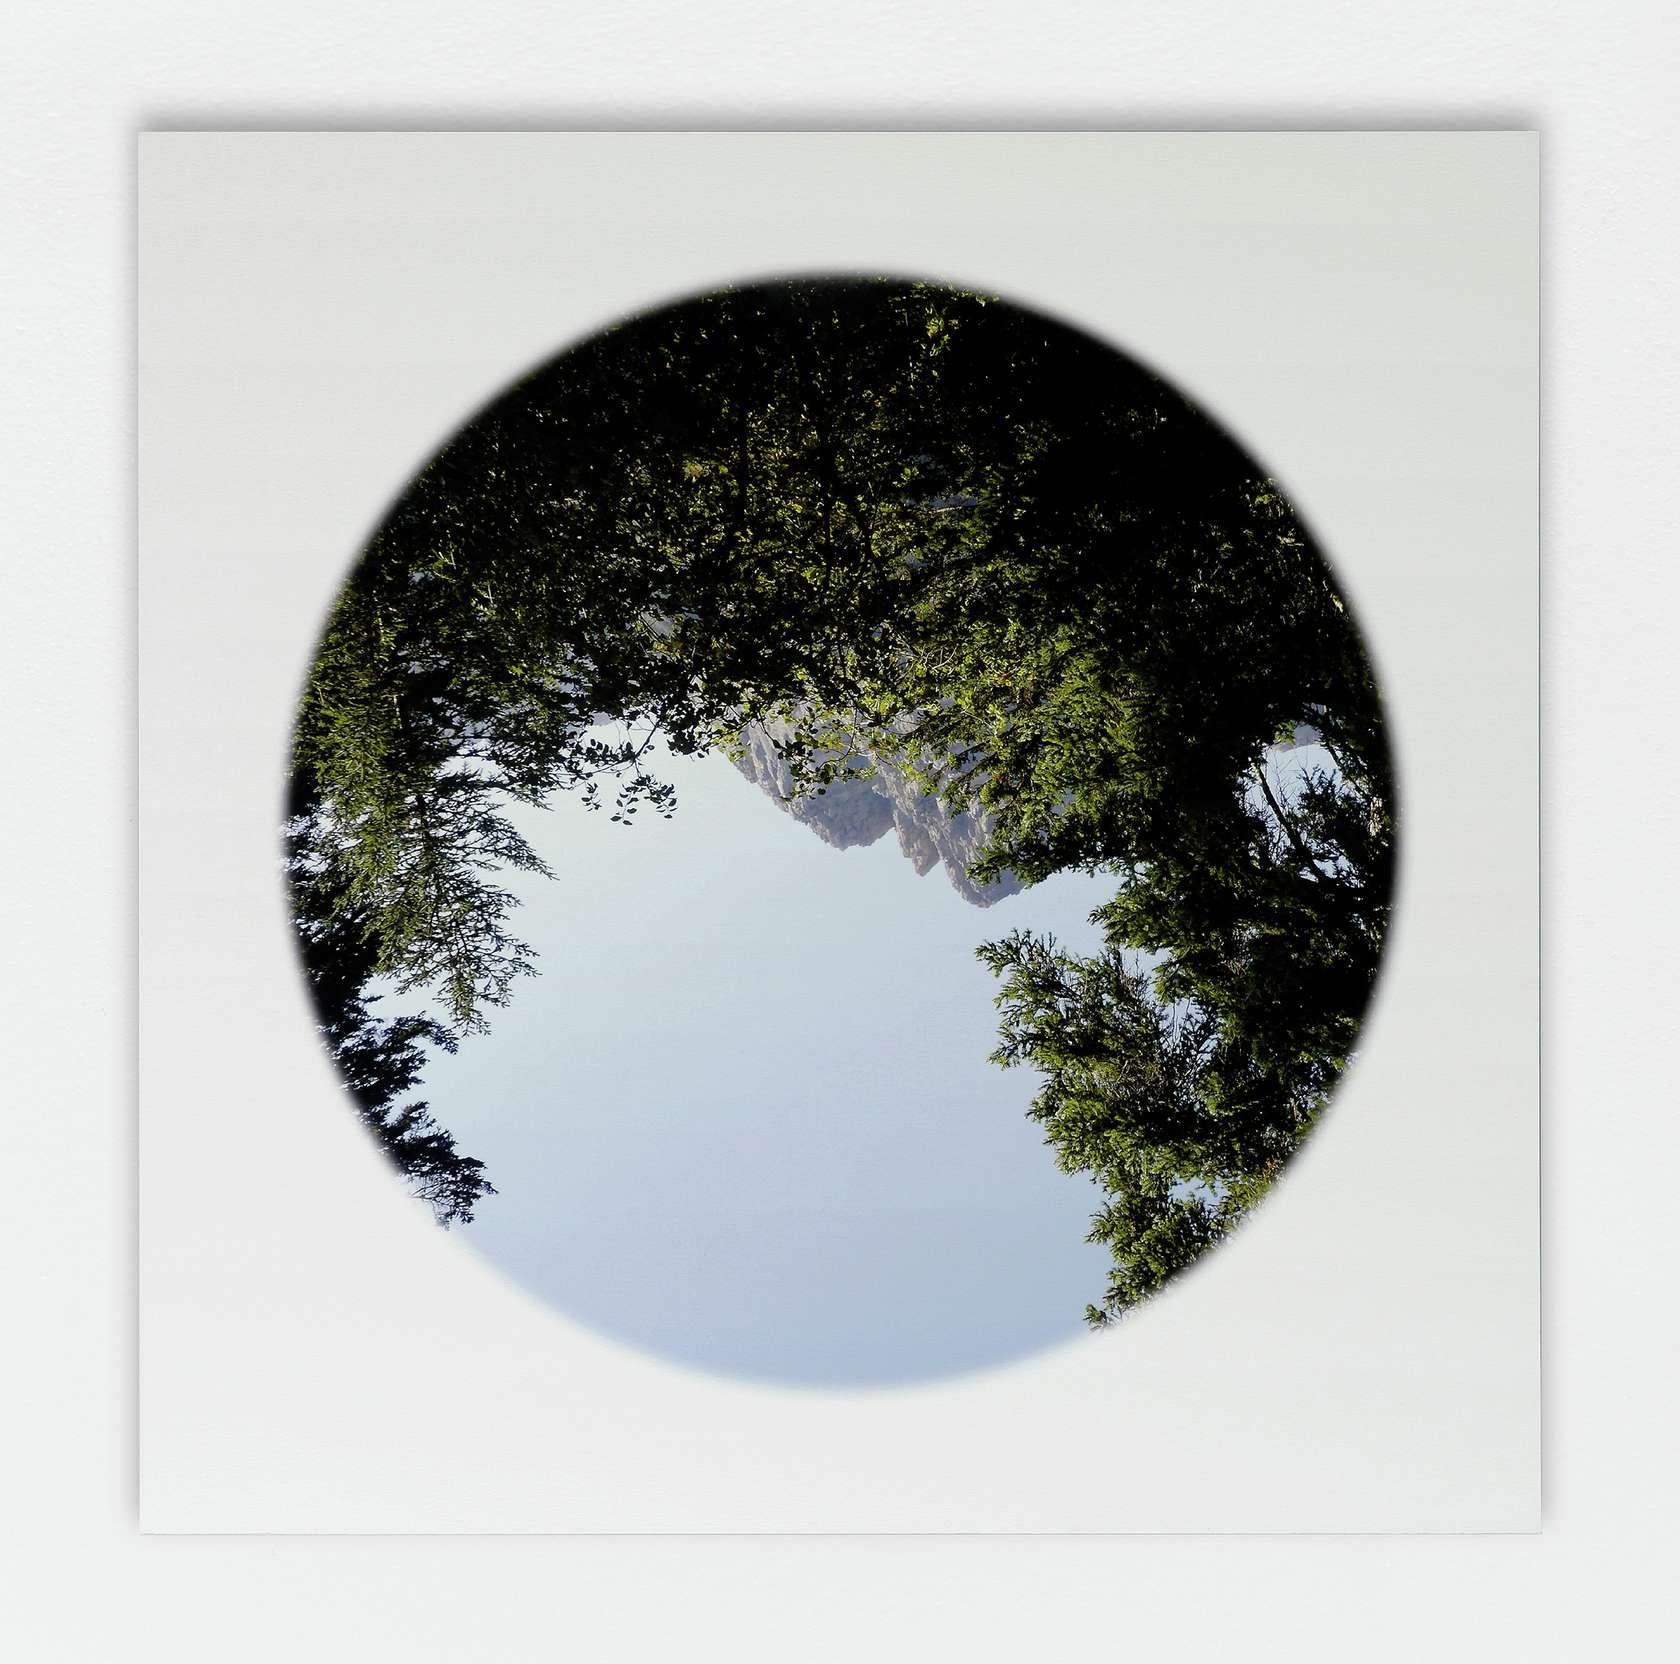 Abraham Poincheval, Gyrovague - Saison I, 2011 - 2012 Tirage pigmentaire sur papier coton contrecollé sur aluminium110 x 110 cm / 43 2/8 x 43 2/8 inches